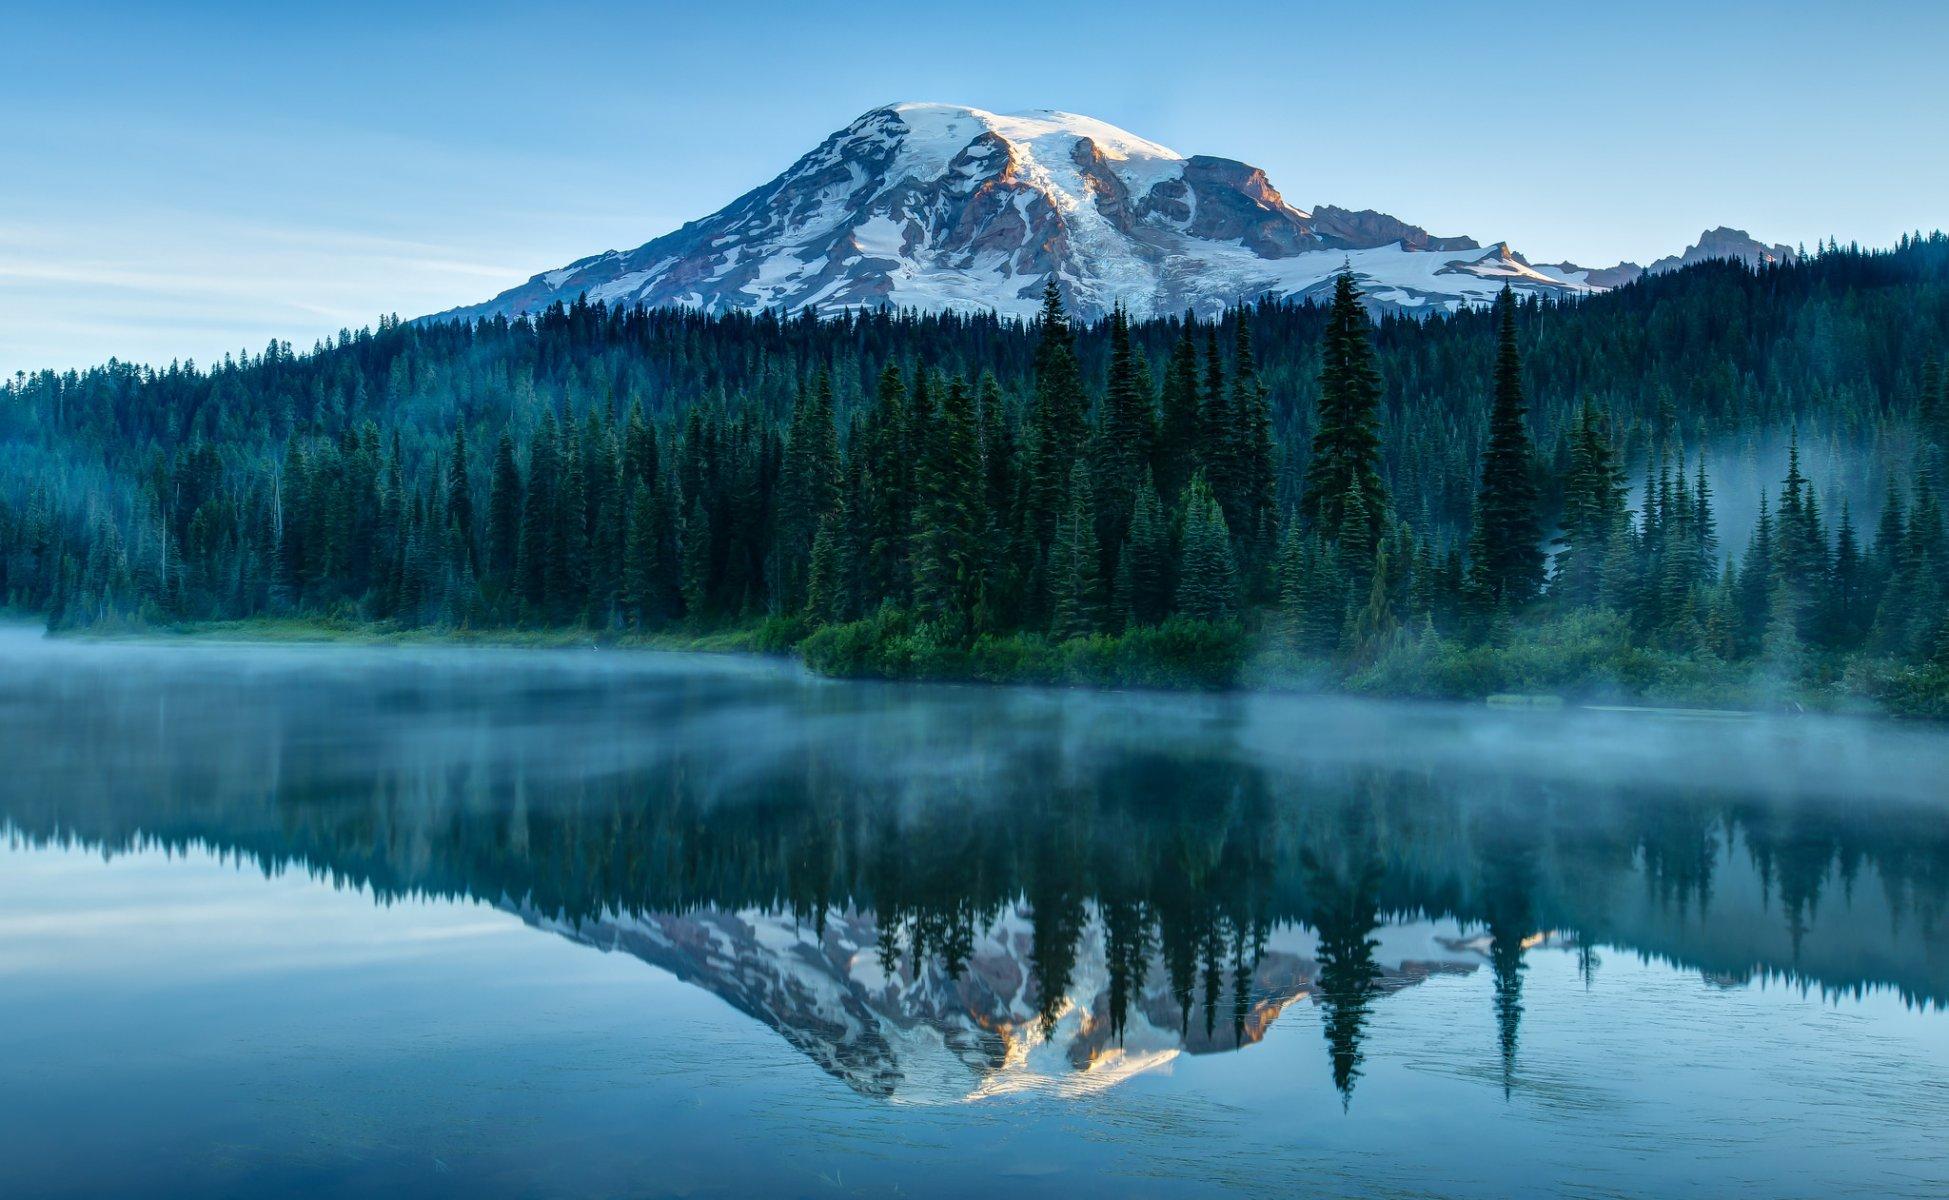 Washington state landscape photography